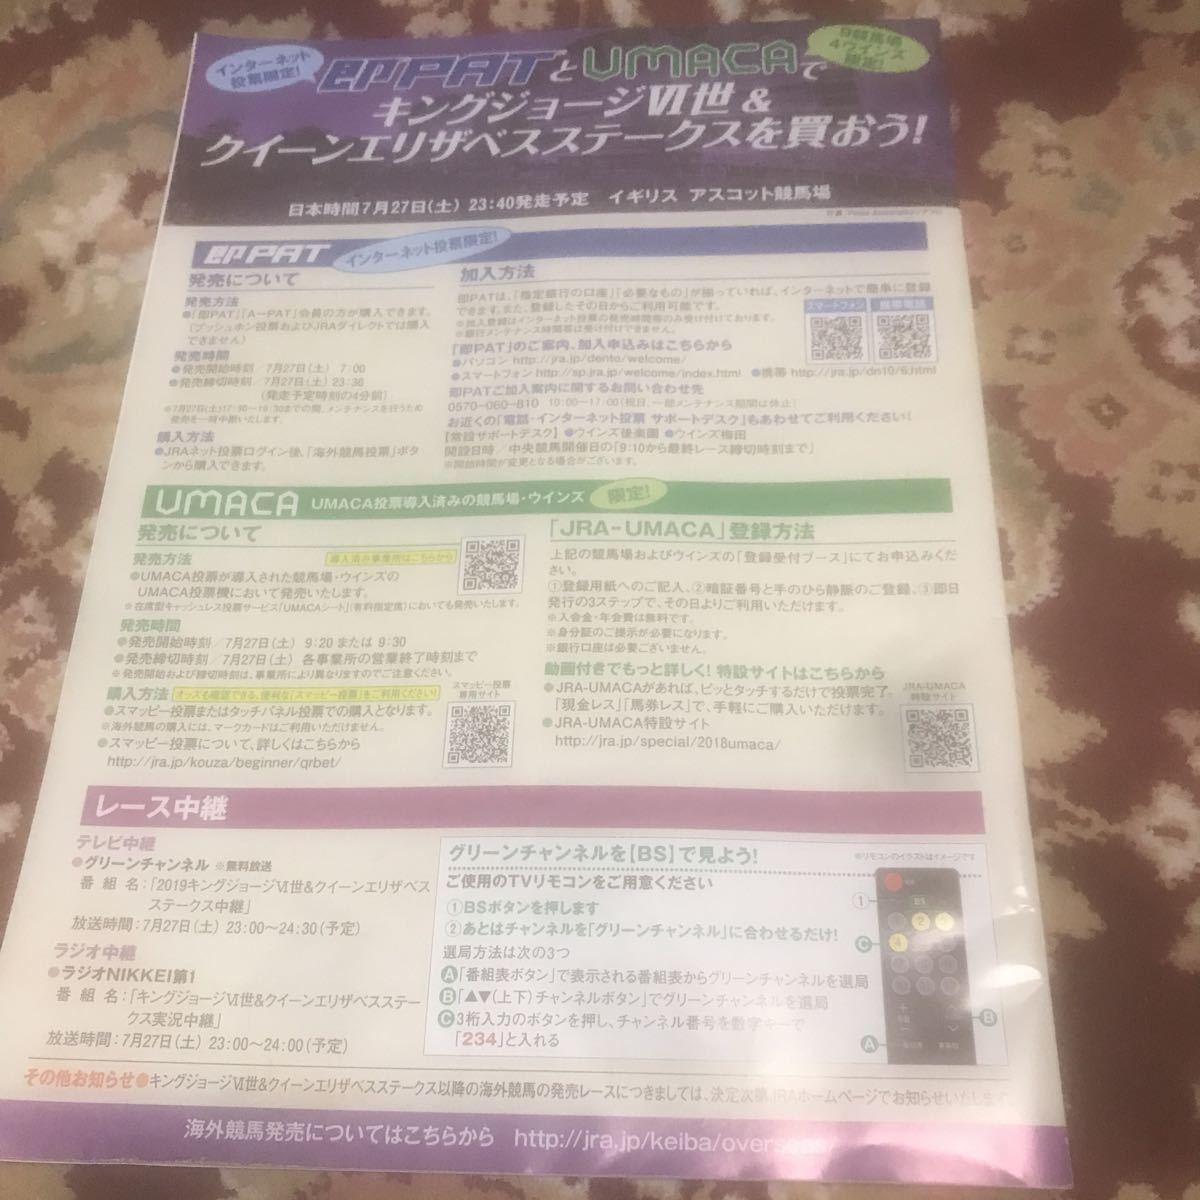 JRAレーシングプログラム2019.7.27(土)キングジョージⅥ世&クイーンエリザベスステークス(GⅠ)、小倉サマージャンプ(J・GⅢ)、佐渡S他_画像2